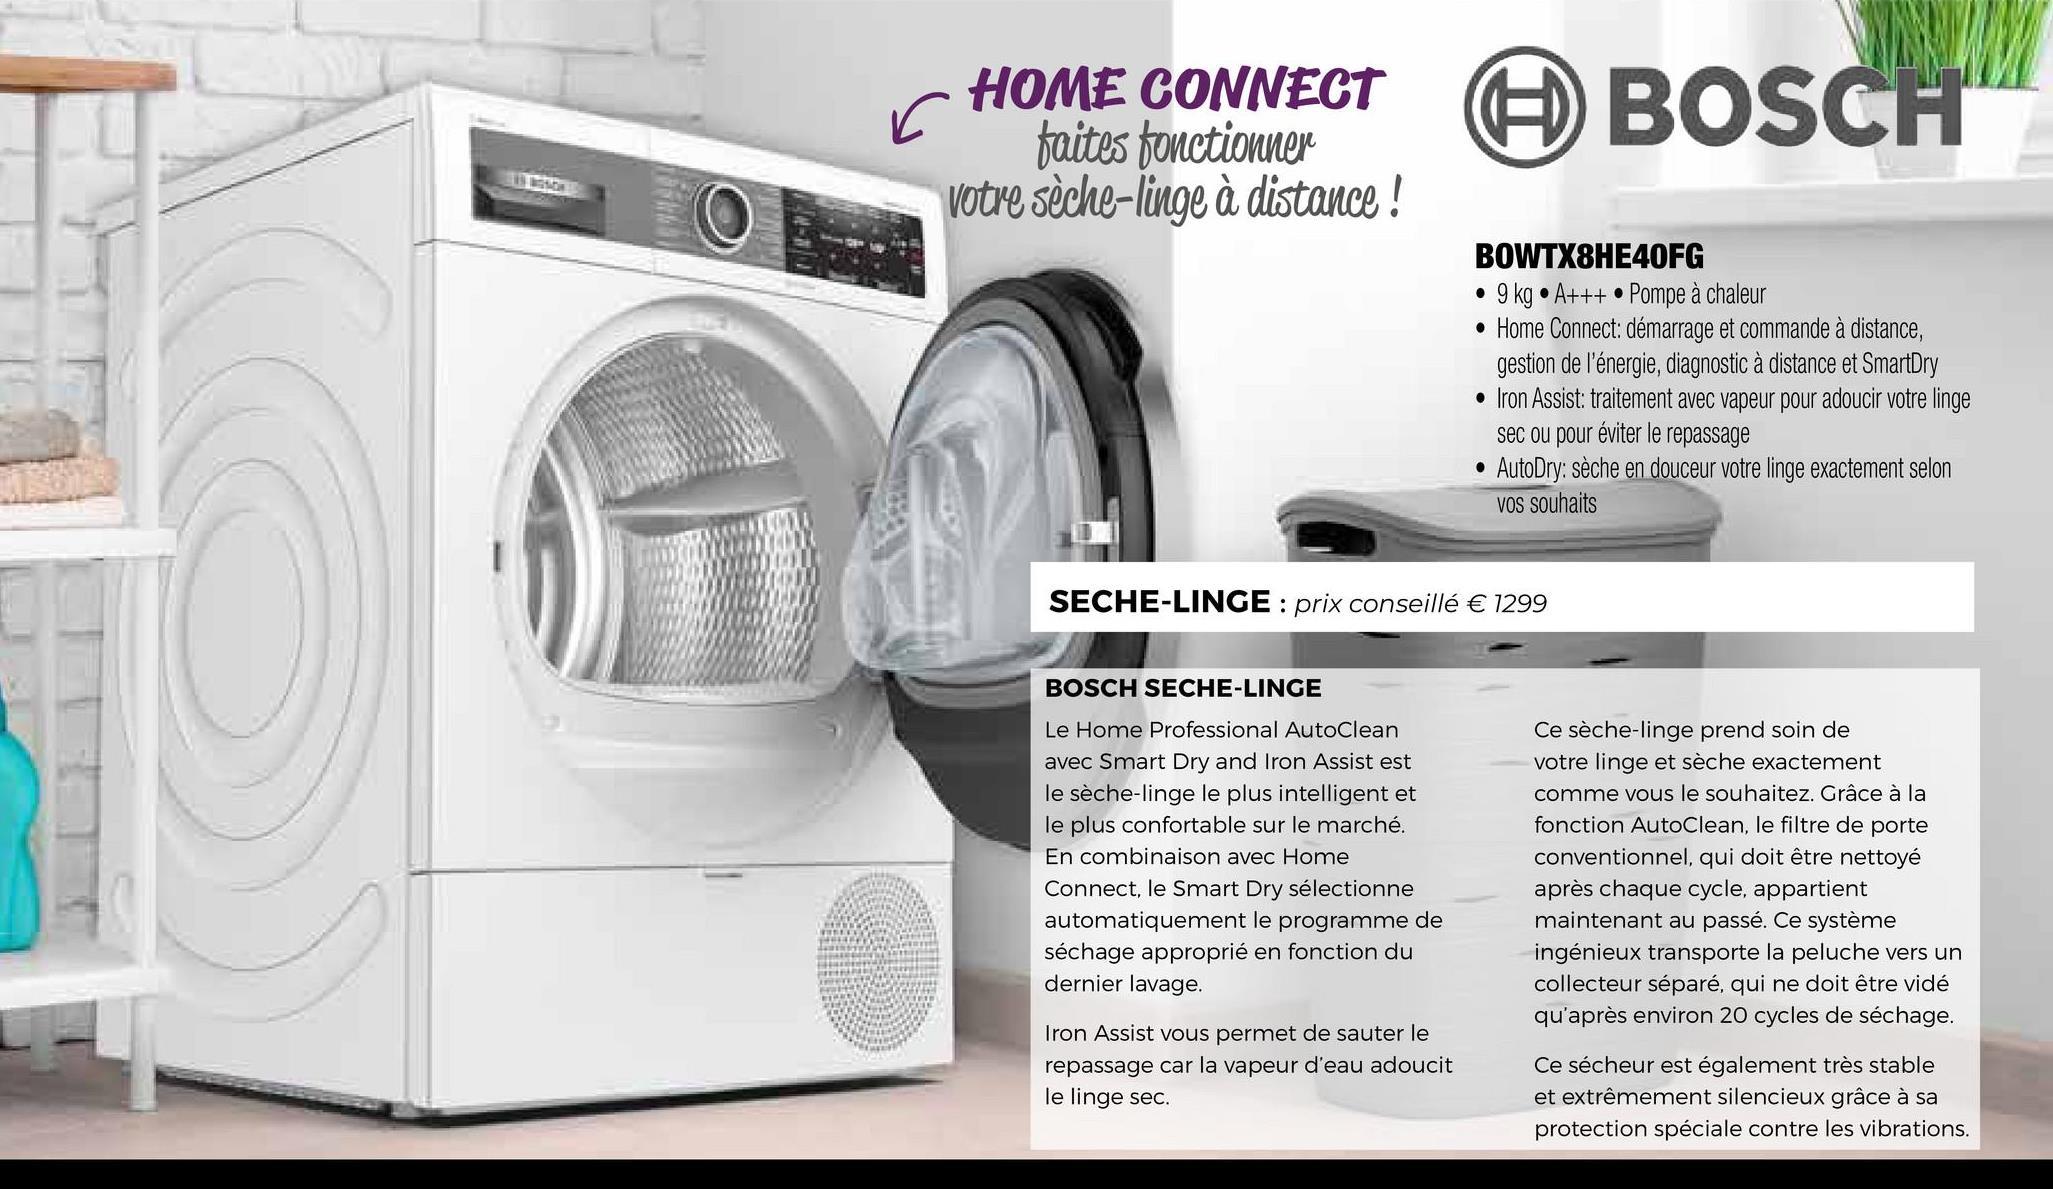 HOME CONNECT faites fonctionner Votre sèche-linge à distance ! SCH BOWTX8HE40FG • 9 kg • A+++ • Pompe à chaleur • Home Connect: démarrage et commande à distance, gestion de l'énergie, diagnostic à distance et SmartDry • Iron Assist: traitement avec vapeur pour adoucir votre linge sec ou pour éviter le repassage • AutoDry: sèche en douceur votre linge exactement selon Vos souhaits SECHE-LINGE : prix conseillé € 1299 BOSCH SECHE-LINGE Le Home Professional AutoClean avec Smart Dry and Iron Assist est le sèche-linge le plus intelligent et le plus confortable sur le marché. En combinaison avec Home Connect, le Smart Dry sélectionne automatiquement le programme de séchage approprié en fonction du dernier lavage. Ce sèche-linge prend soin de votre linge et sèche exactement comme vous le souhaitez. Grâce à la fonction AutoClean, le filtre de porte conventionnel, qui doit être nettoyé après chaque cycle, appartient maintenant au passé. Ce système ingénieux transporte la peluche vers un collecteur séparé, qui ne doit être vidé qu'après environ 20 cycles de séchage. Iron Assist vous permet de sauter le repassage car la vapeur d'eau adoucit le linge sec. Ce sécheur est également très stable et extrêmement silencieux grâce à sa protection spéciale contre les vibrations.